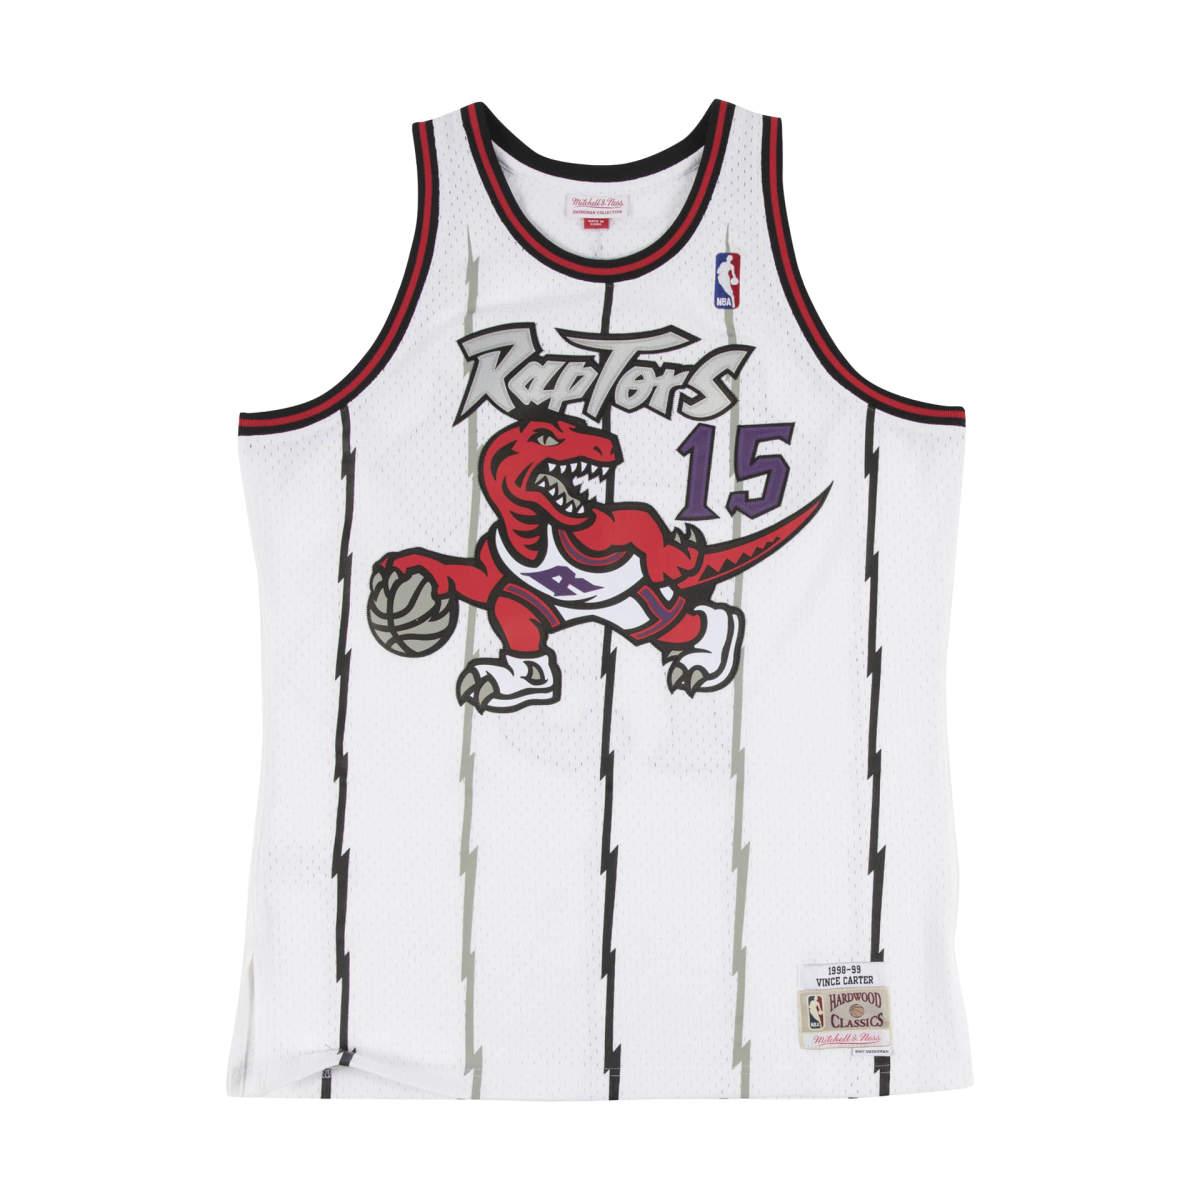 Toronto raptors home swingman jersey 1998-99 carter